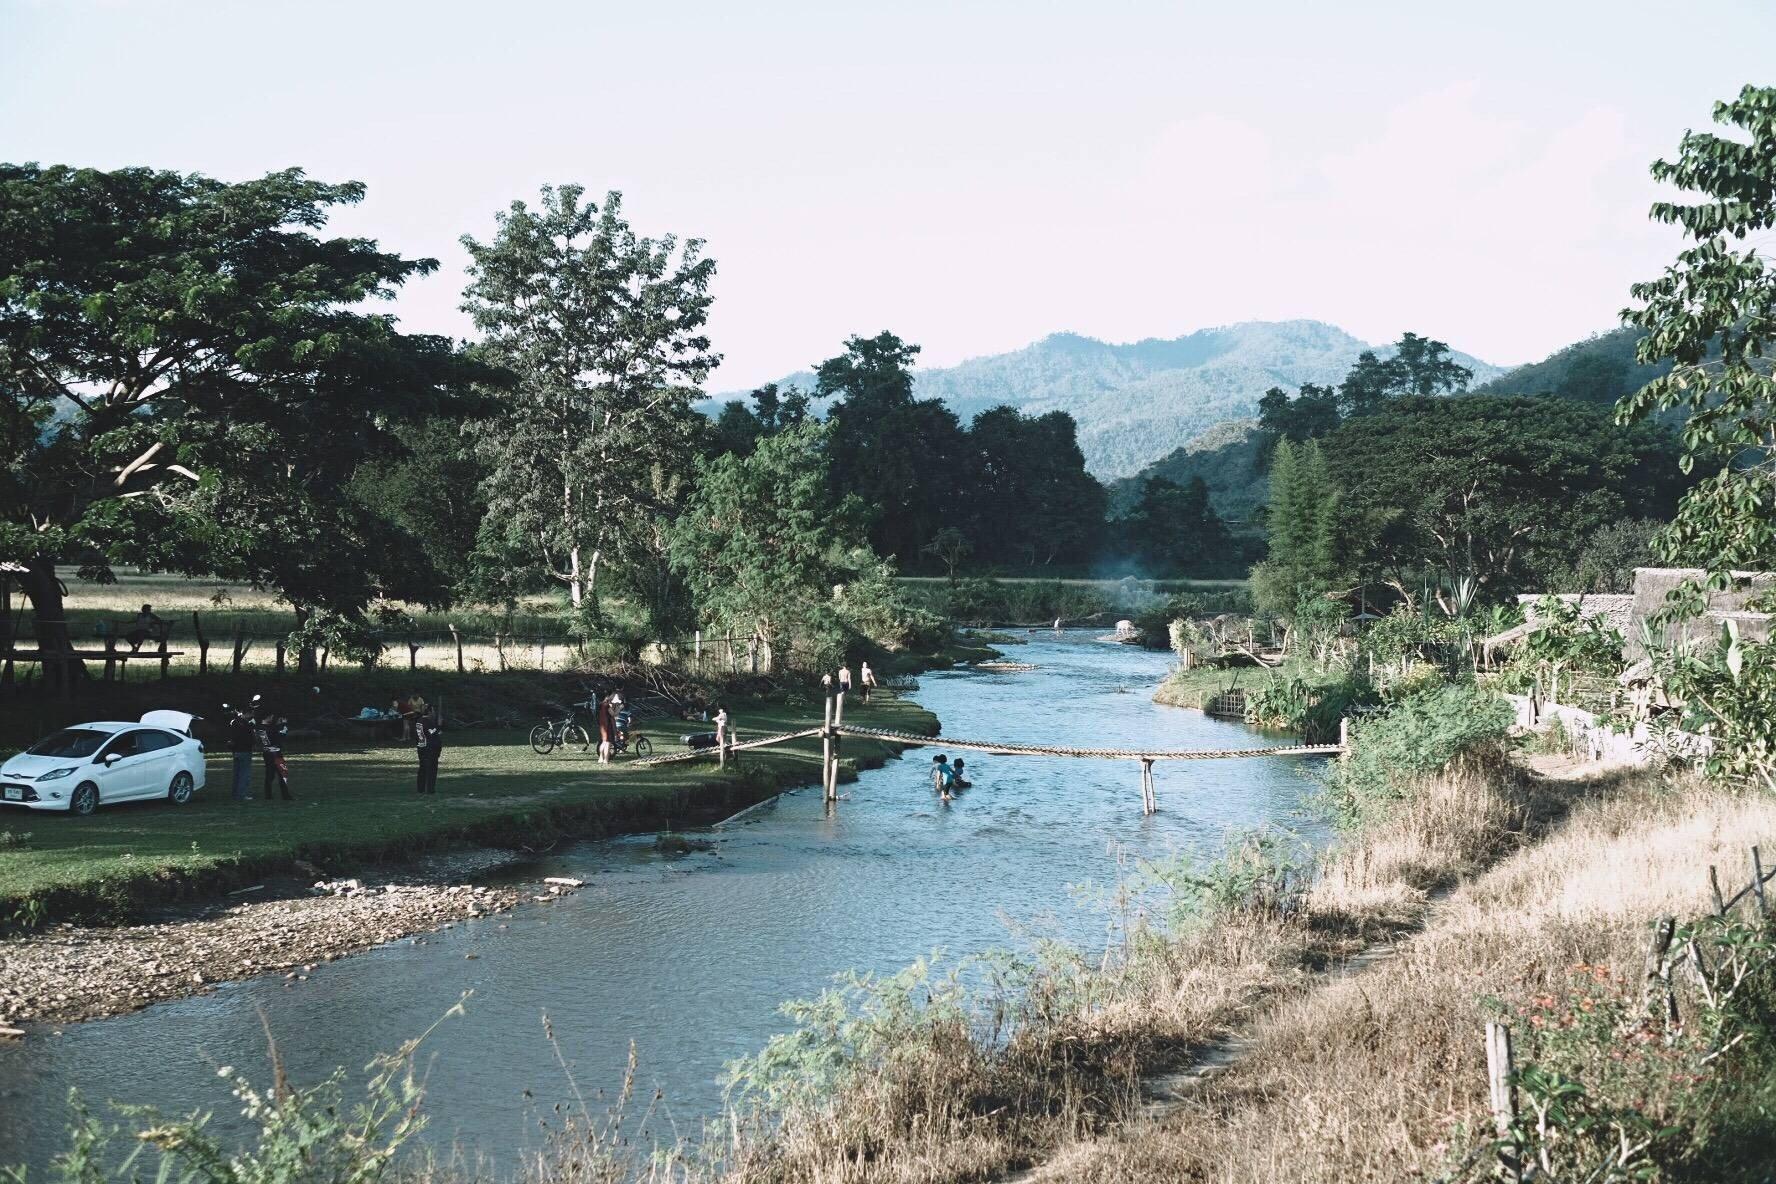 เป็นจุดเด่นของเมืองคองเลย แม่น้ำใสสะอาด อากาศดี